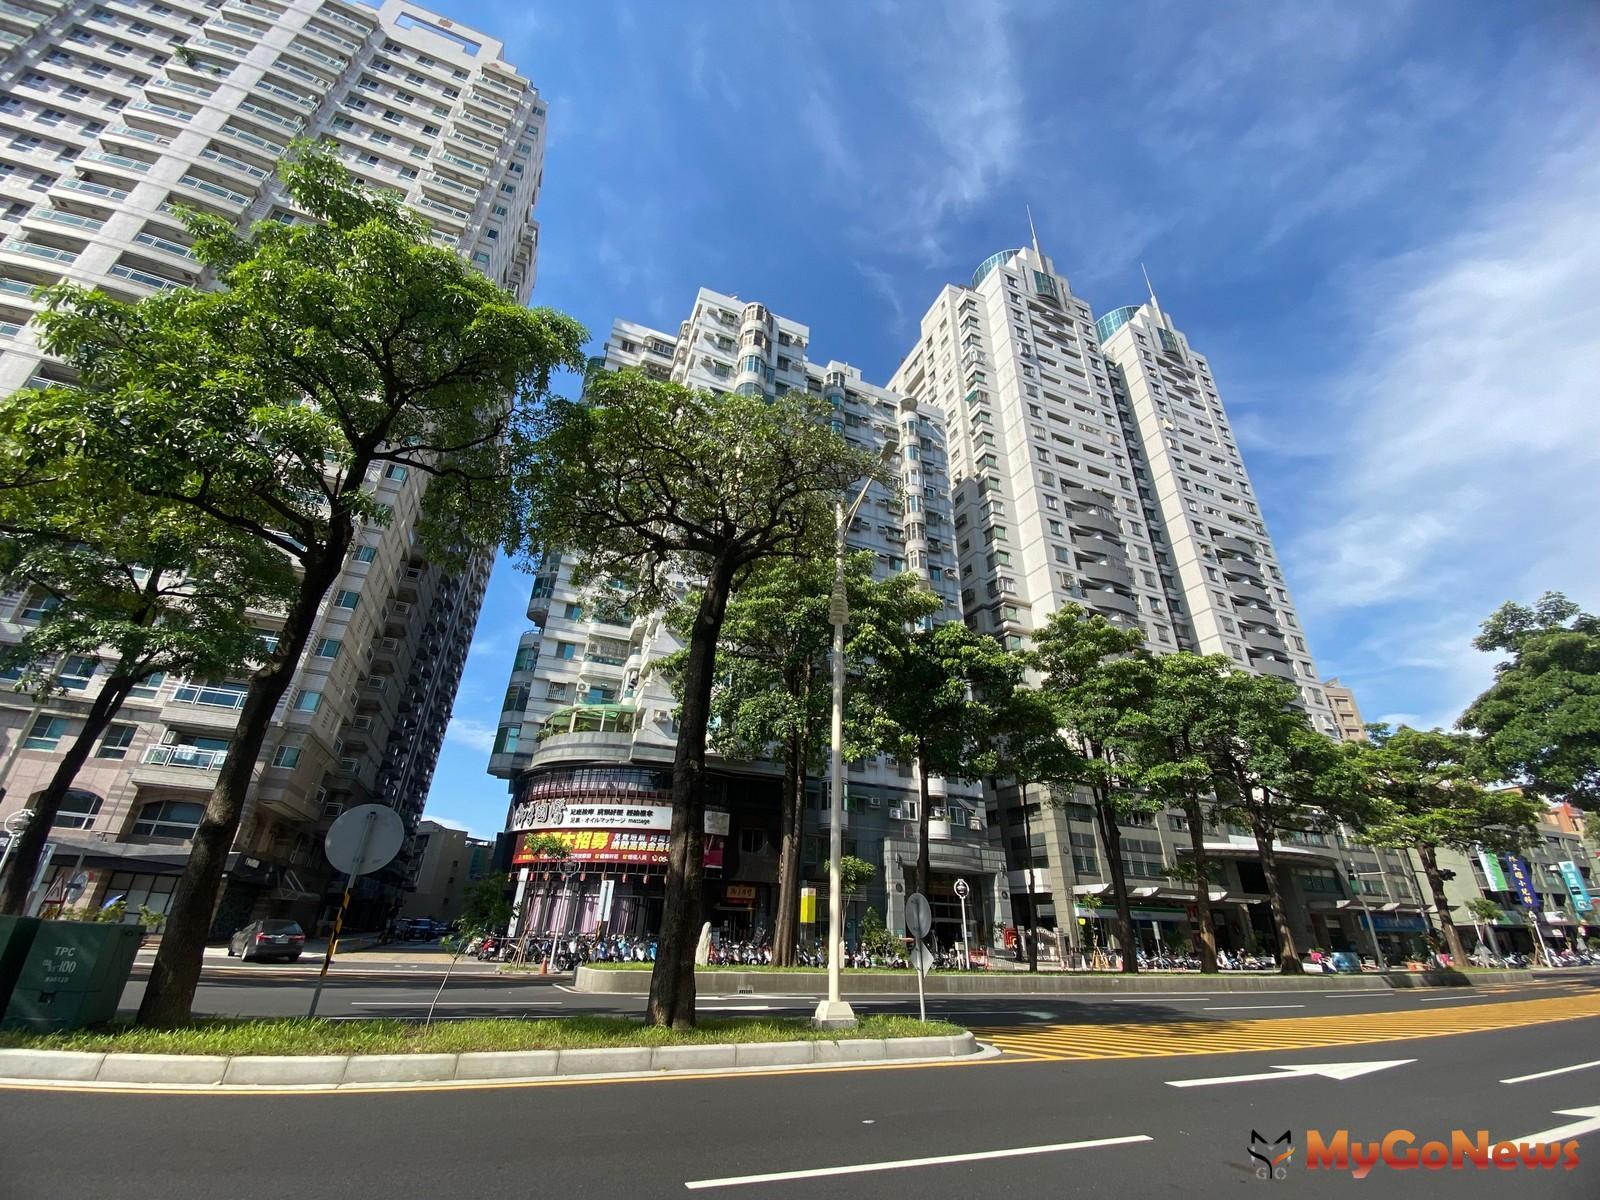 台南公園南側的公園南路上,中古大樓供給占最大量! (圖片永慶不動產提供) MyGoNews房地產新聞 市場快訊